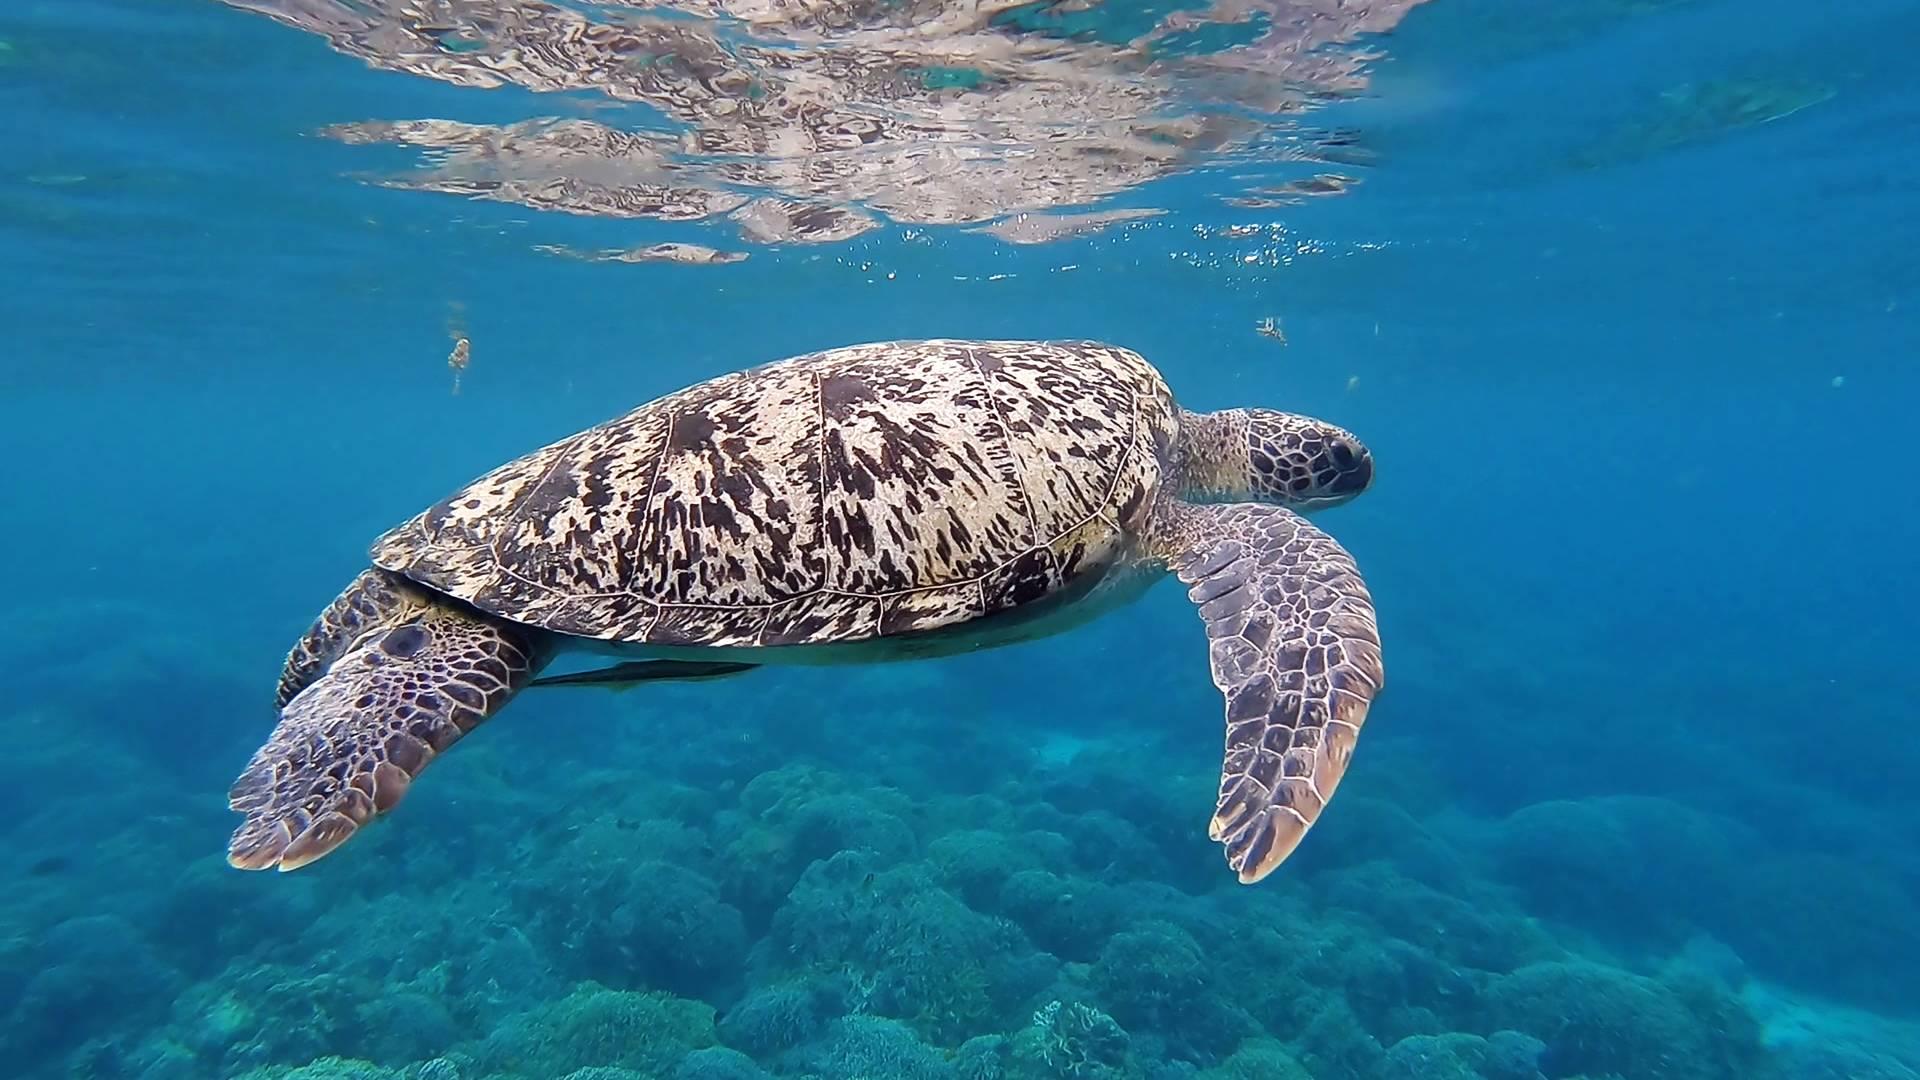 Zeeschildpad voor de kust van Sal - Duiken in Kaapverdië